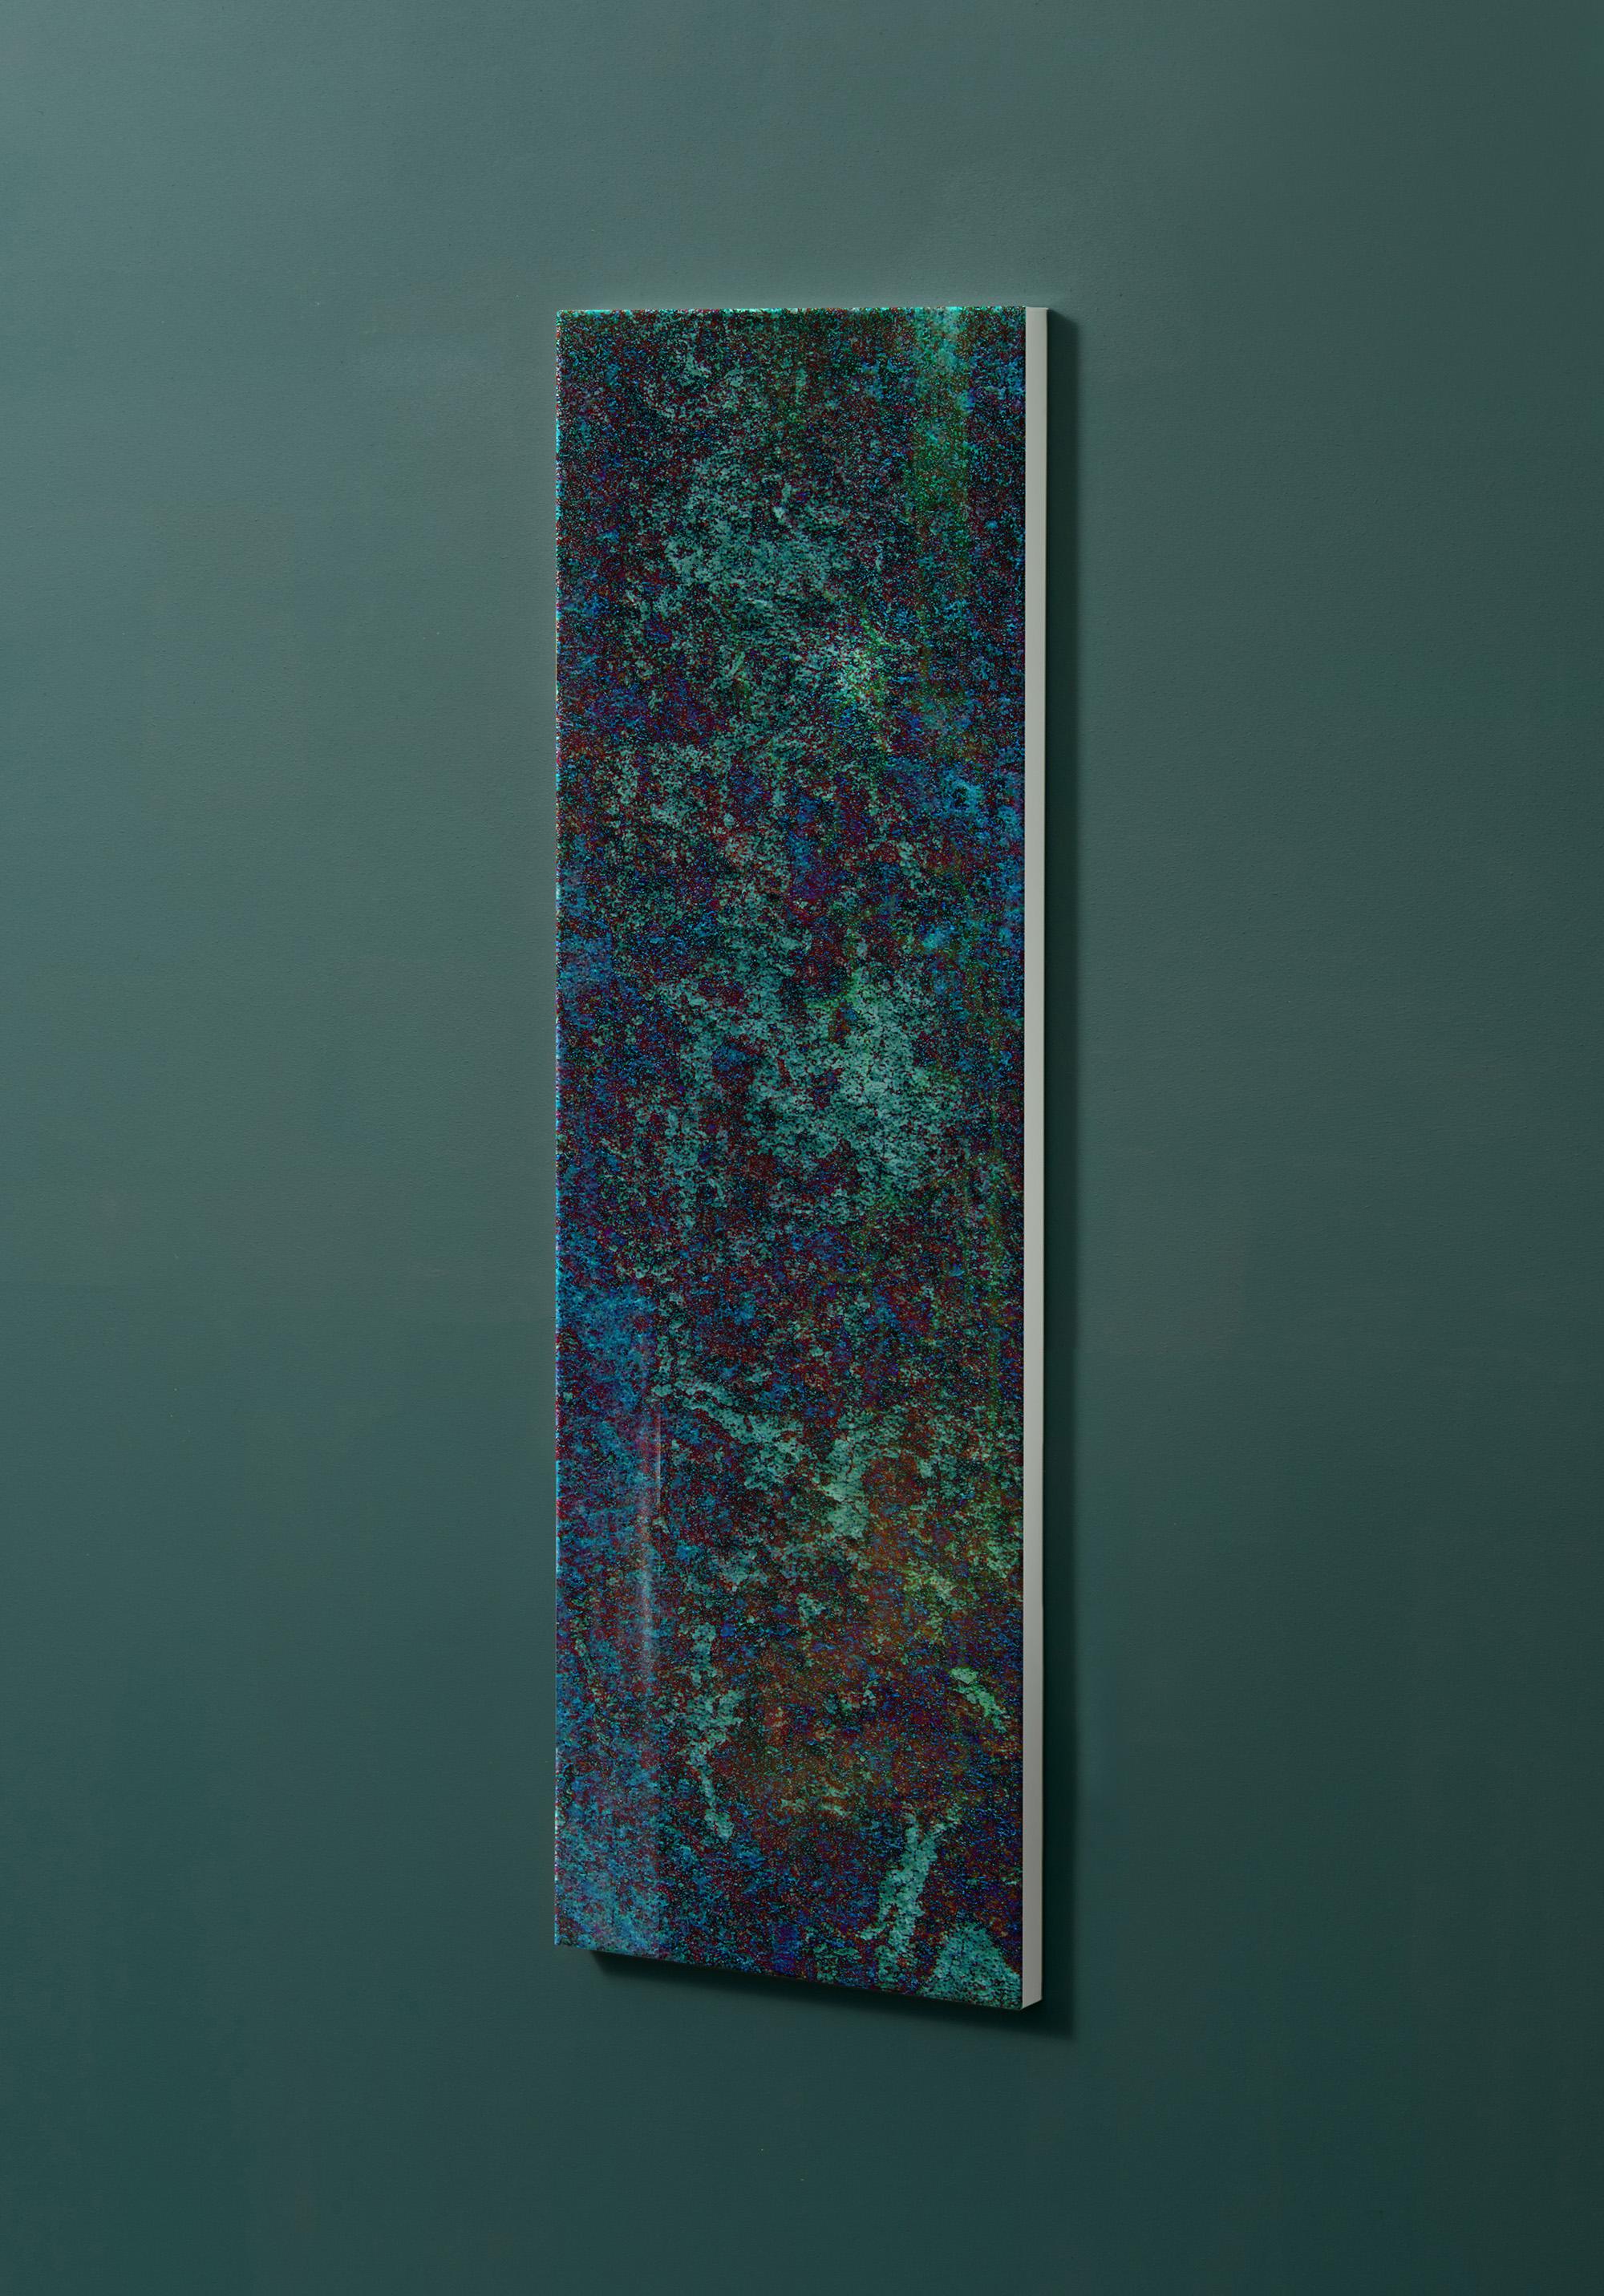 Magnettafel NOTIZ 30x90cm Motiv-Pinnwand M07 Kupfer